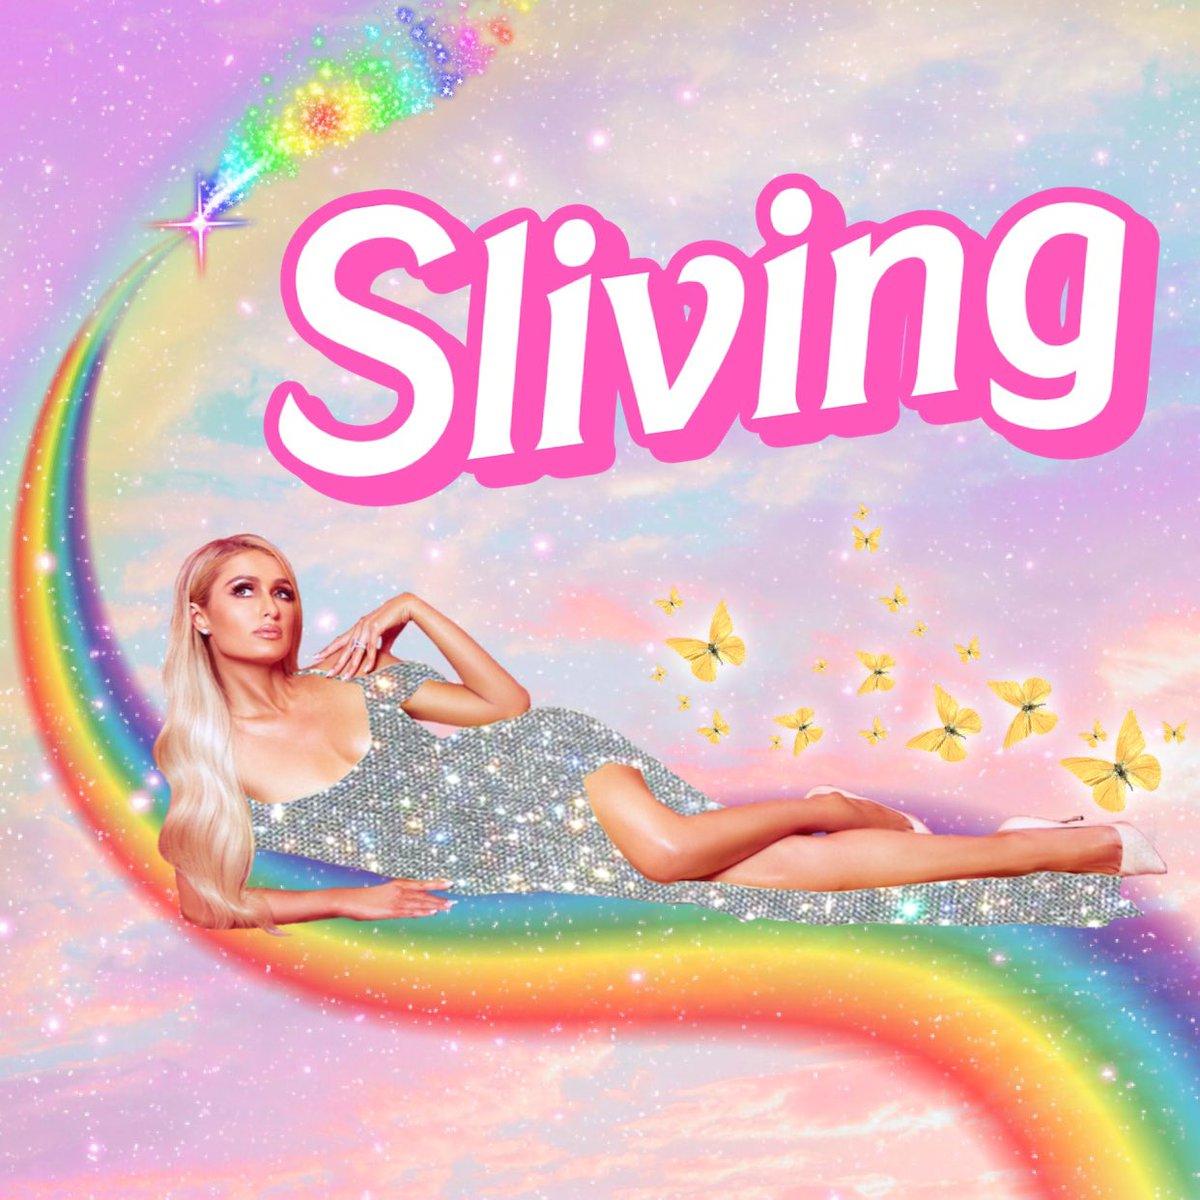 #Sliving  #Paris Hilton - очаровательная маленькая врушка. Я, гврт, слово новое придумала. Ну яхез...